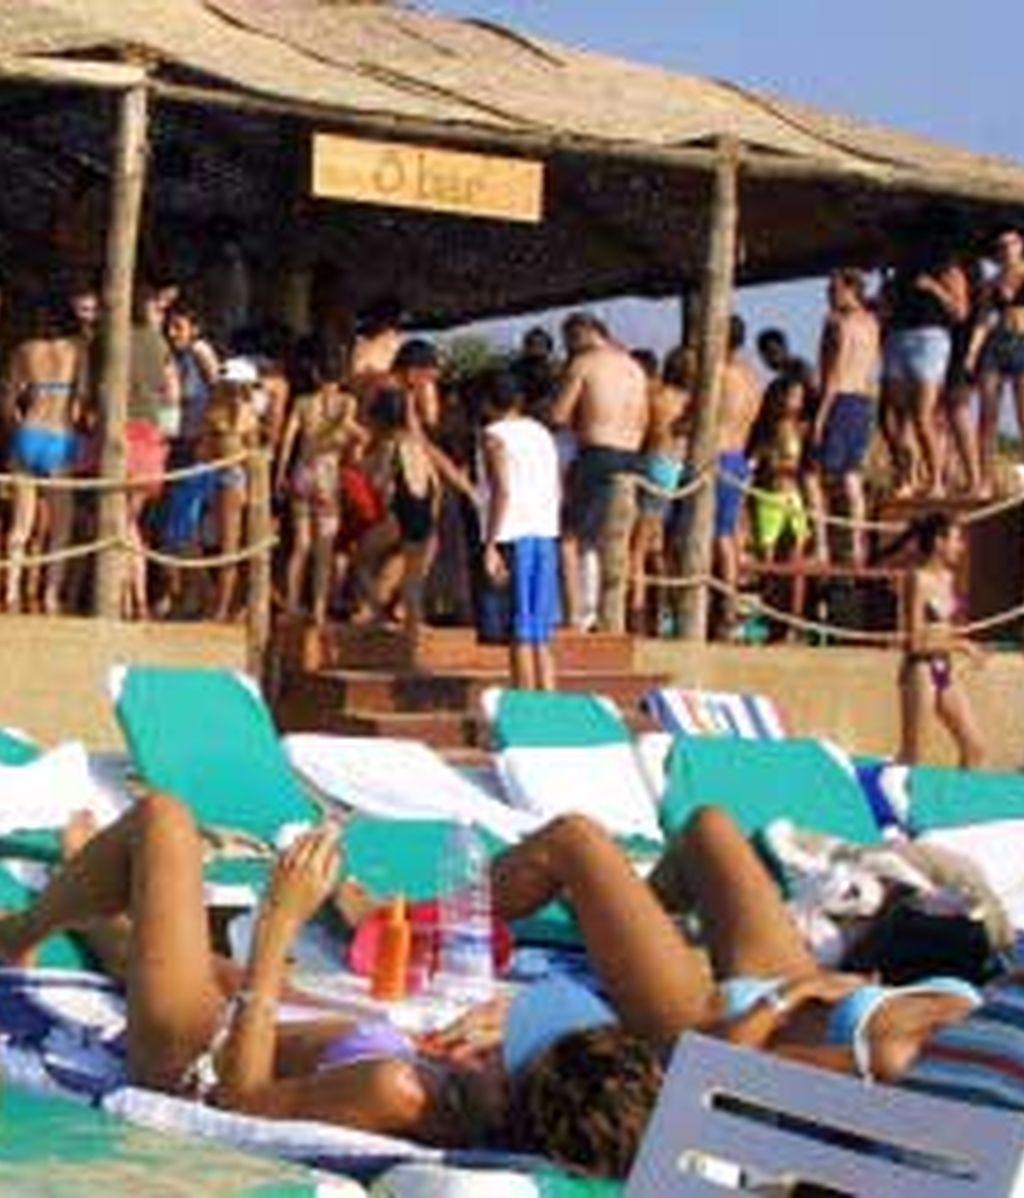 En los que no sea posible desplazar los chiringuitos del litoral andaluz a otra zona se mantendrán en la arena. Foto:EFE.